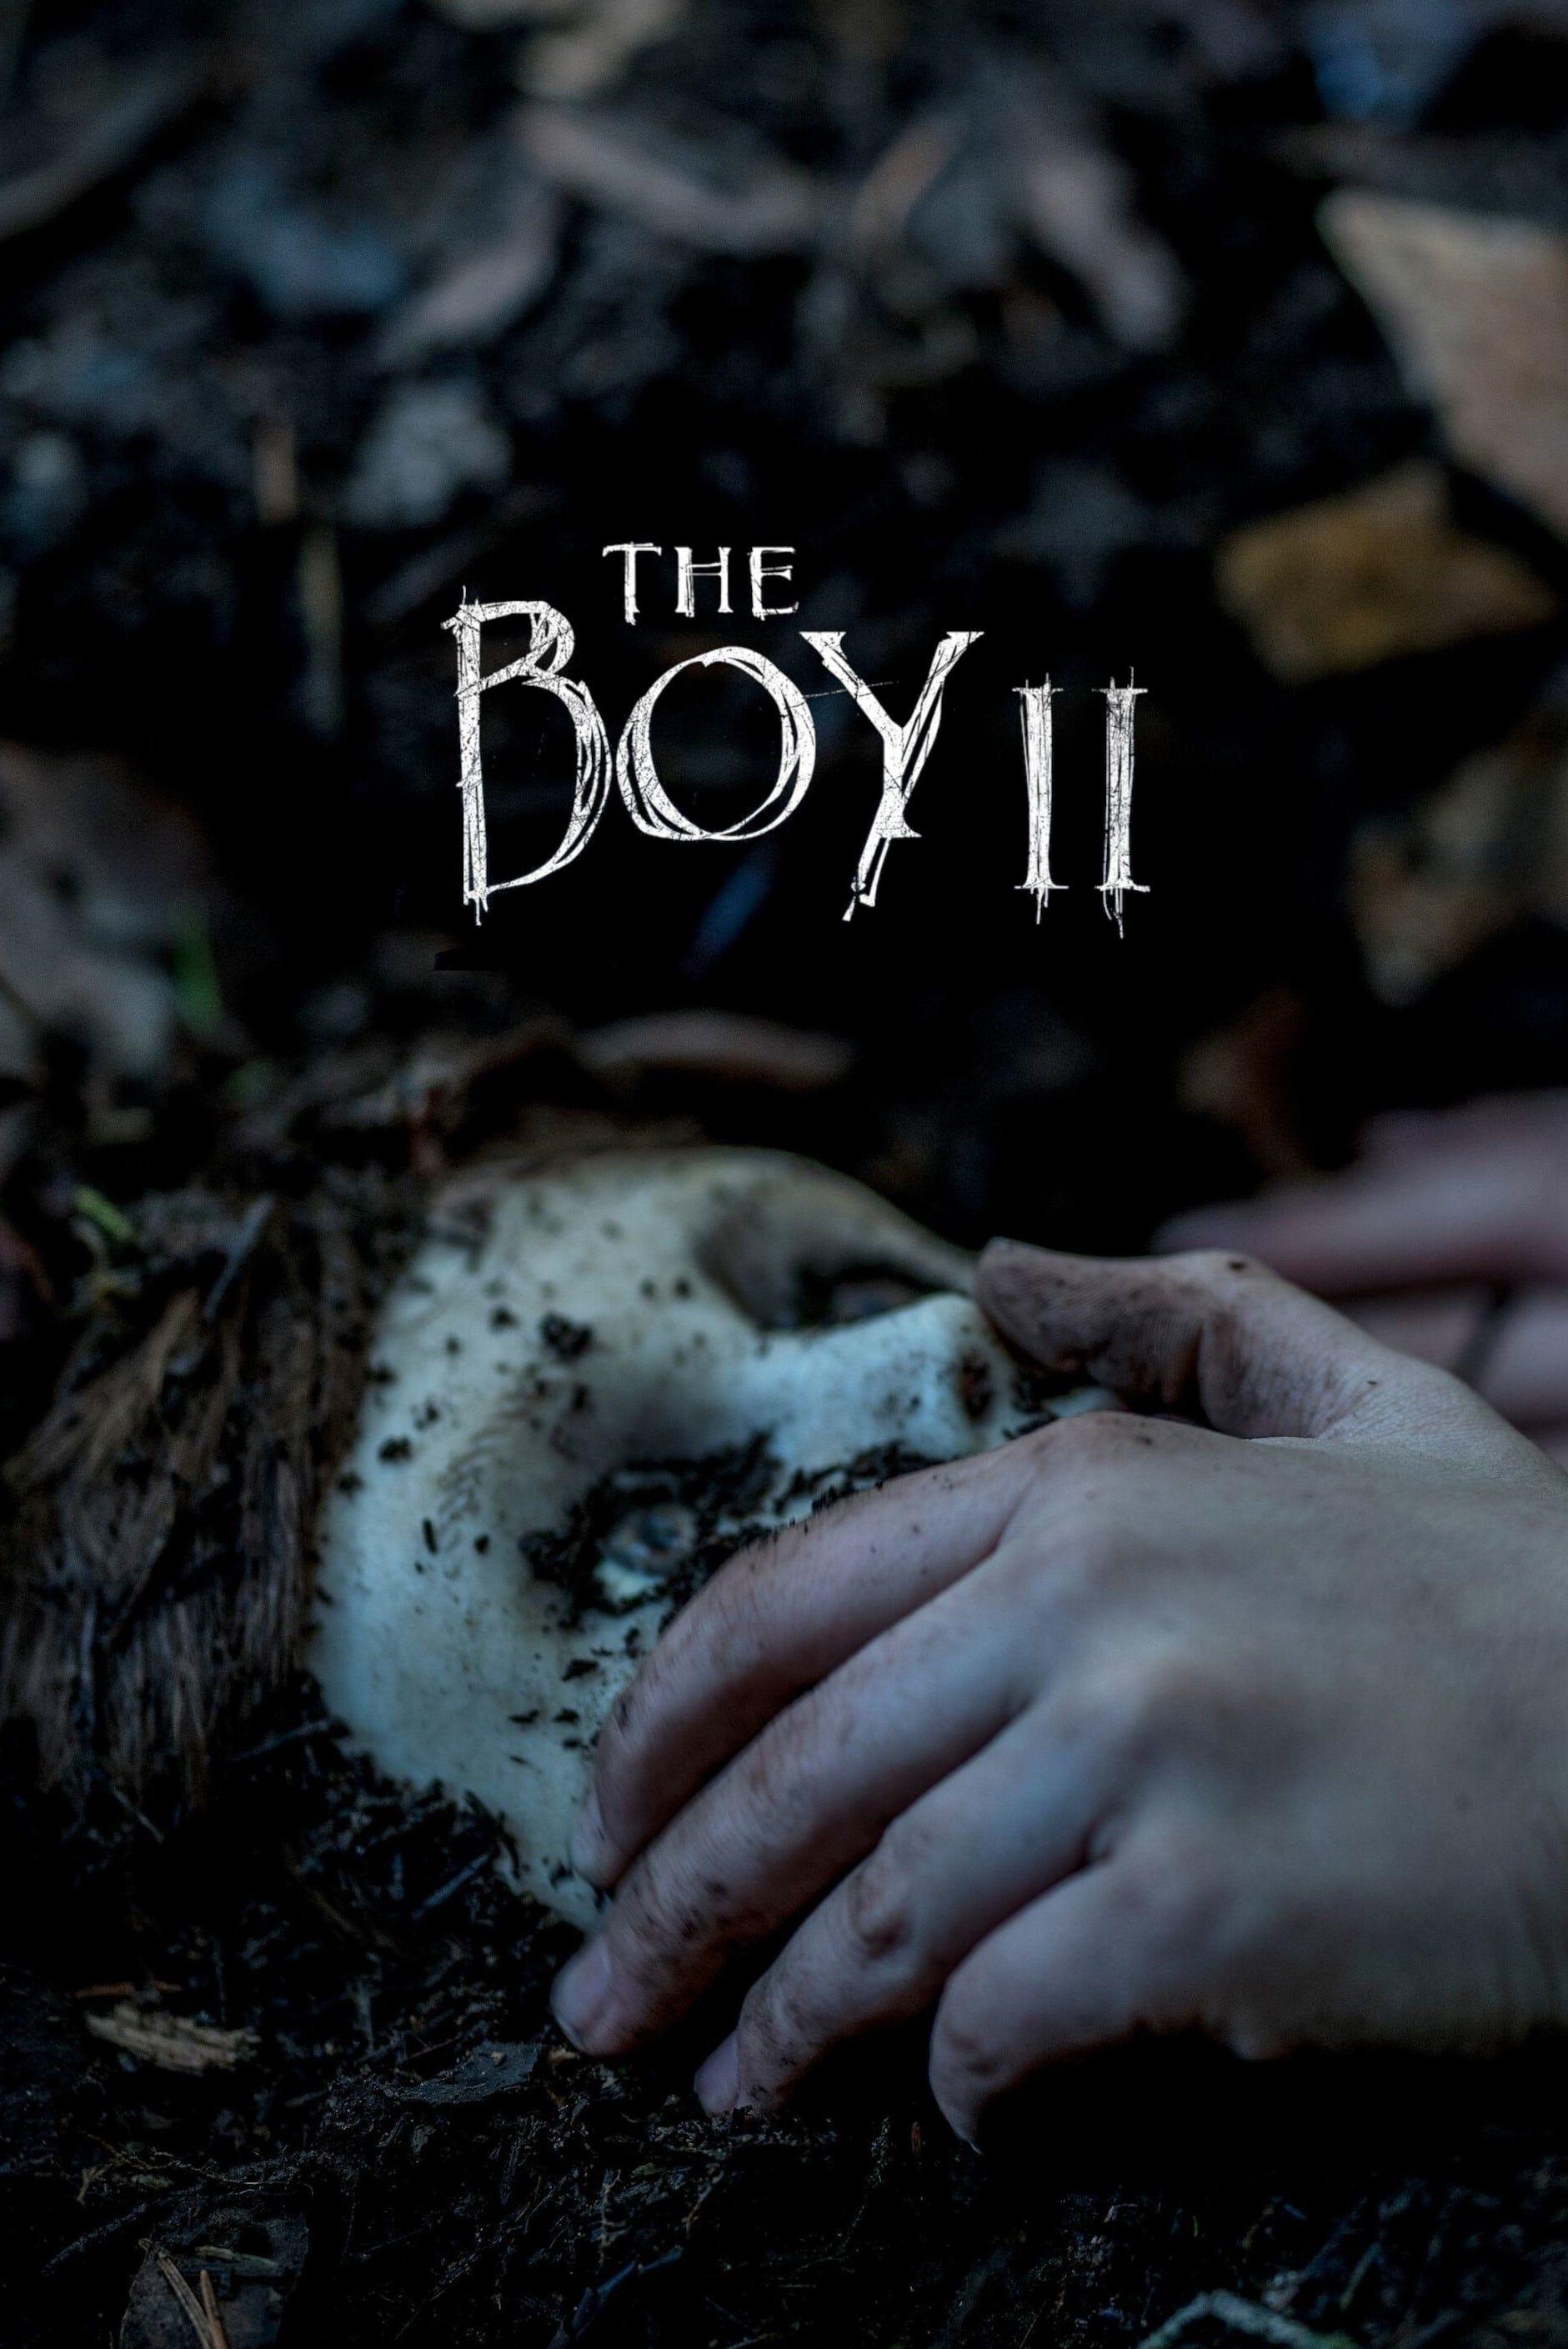 Brahms The Boy Ii Fullfore Film Og Dubbet Film Horor Film Horor